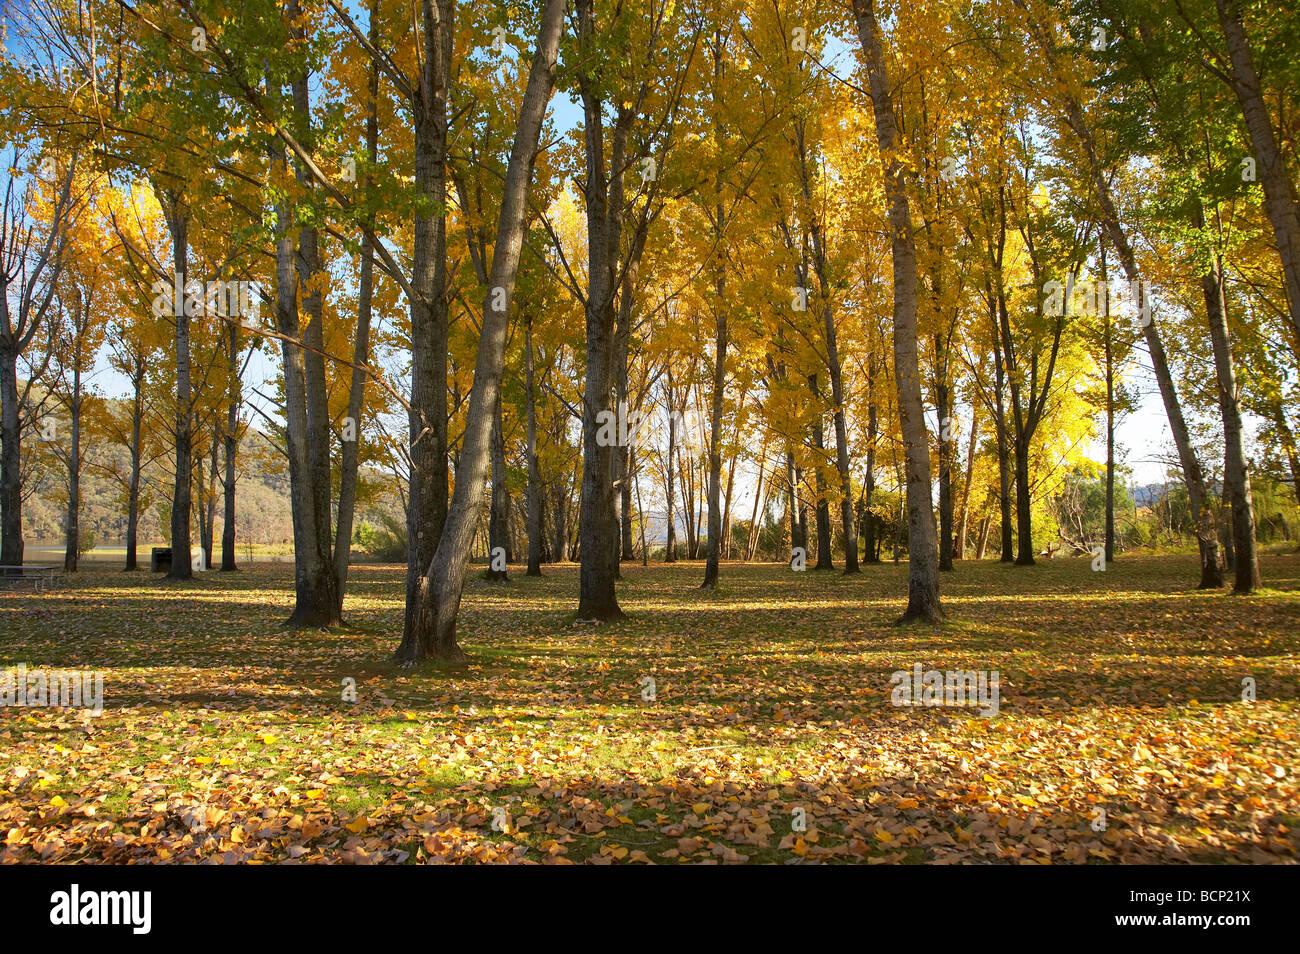 Árboles de otoño en rampa de varado zona de picnic por Khancoban Pondage Nevados Sur de Nueva Gales del Sur, Australia Foto de stock